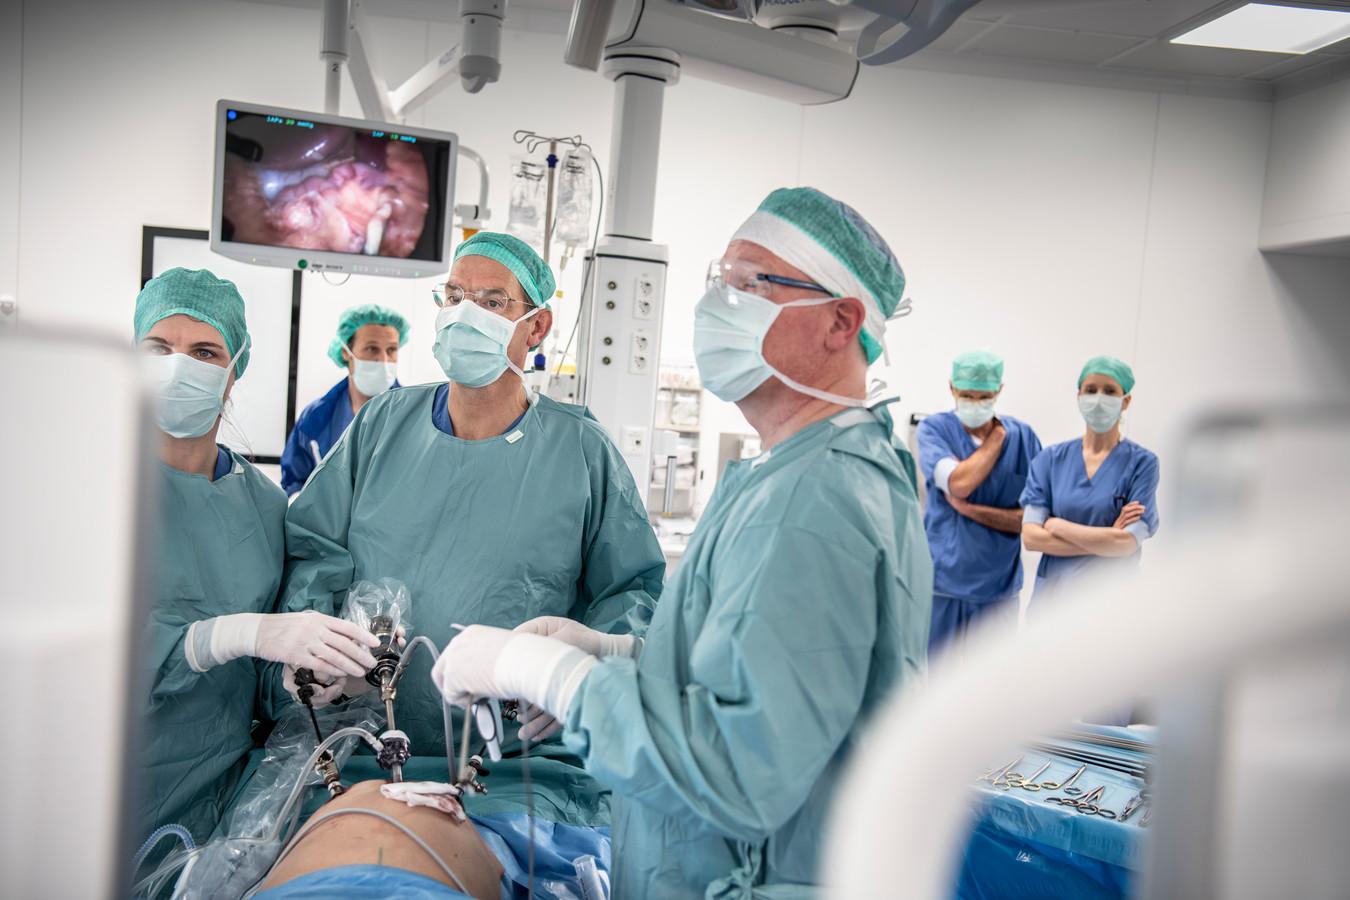 Operatie in het Máxima Medisch Centrum in Veldhoven. In de strijd tegen kanker worden grote stappen gezet.